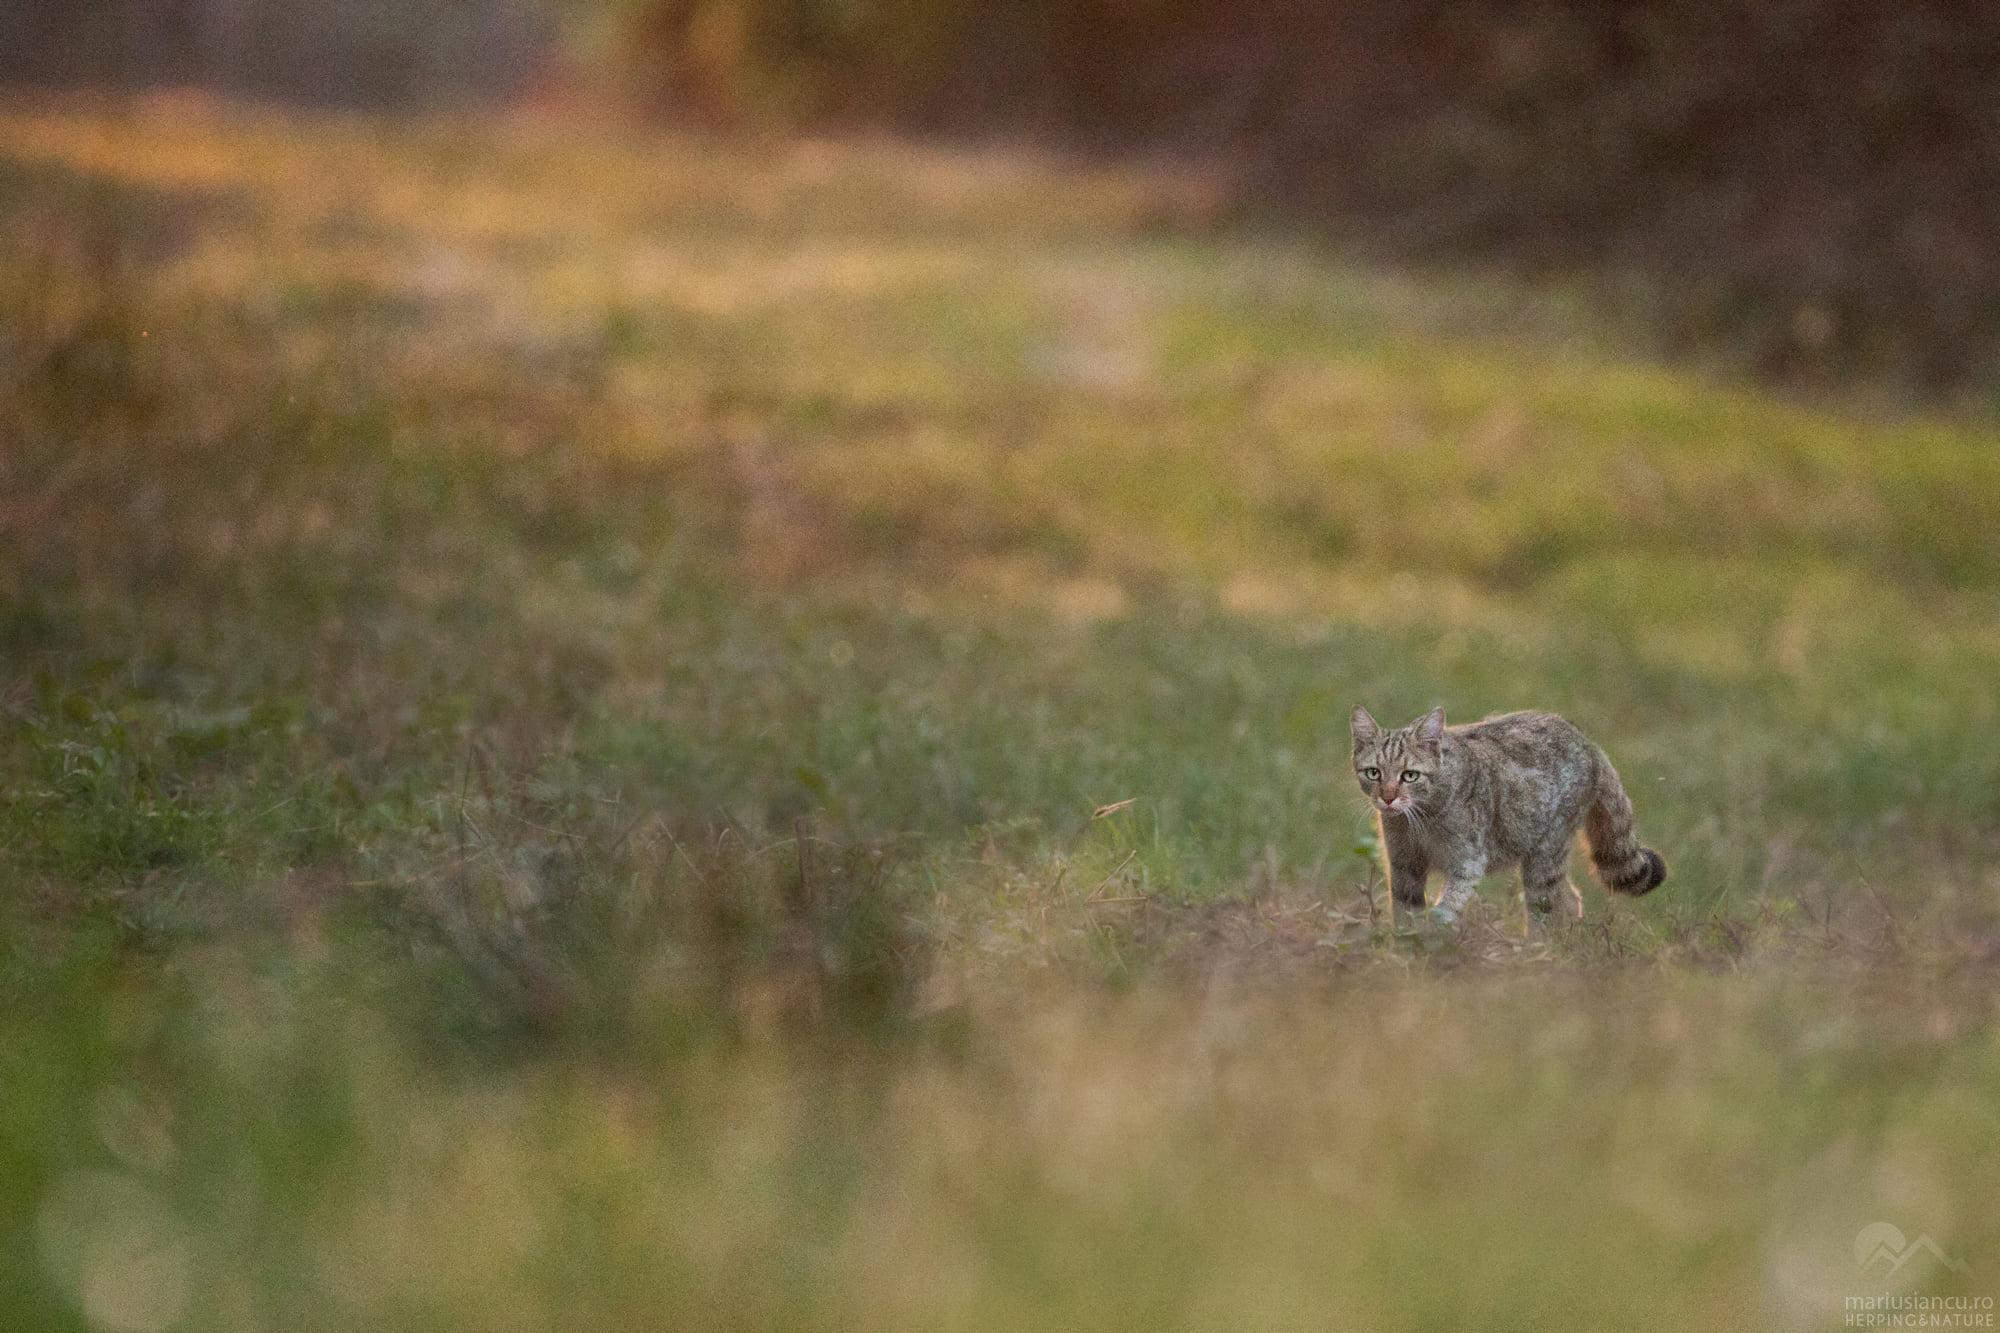 Pisică sălbatică fotografiată în poiana unde am stat la boncănitul cerbilor